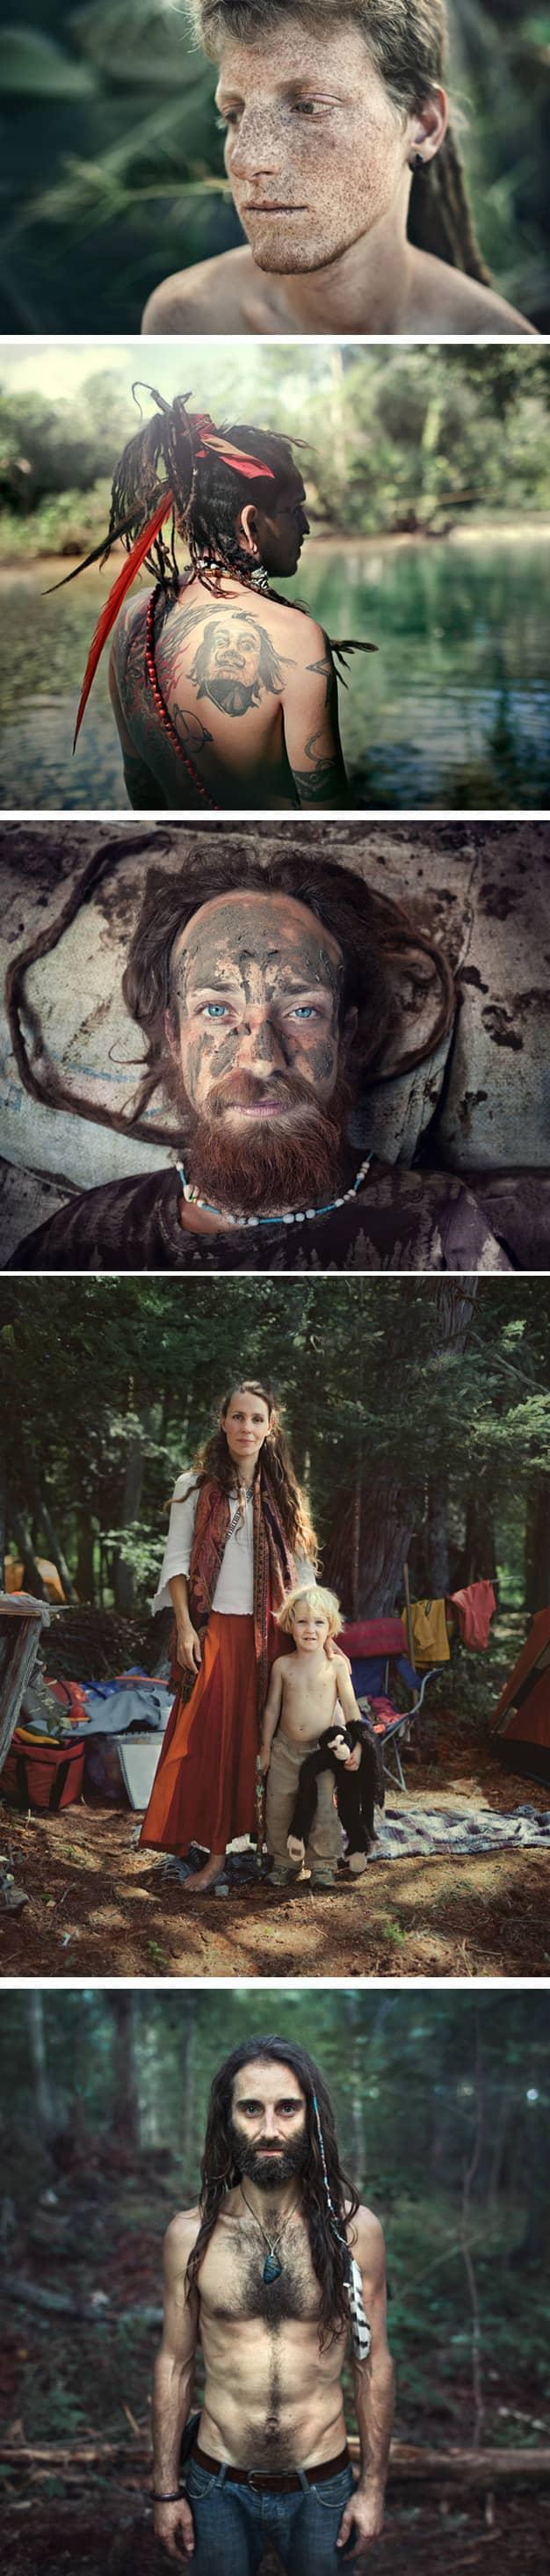 Fotógrafo retrata realidade secreta de grupo nômade com leis baseadas no amor 2